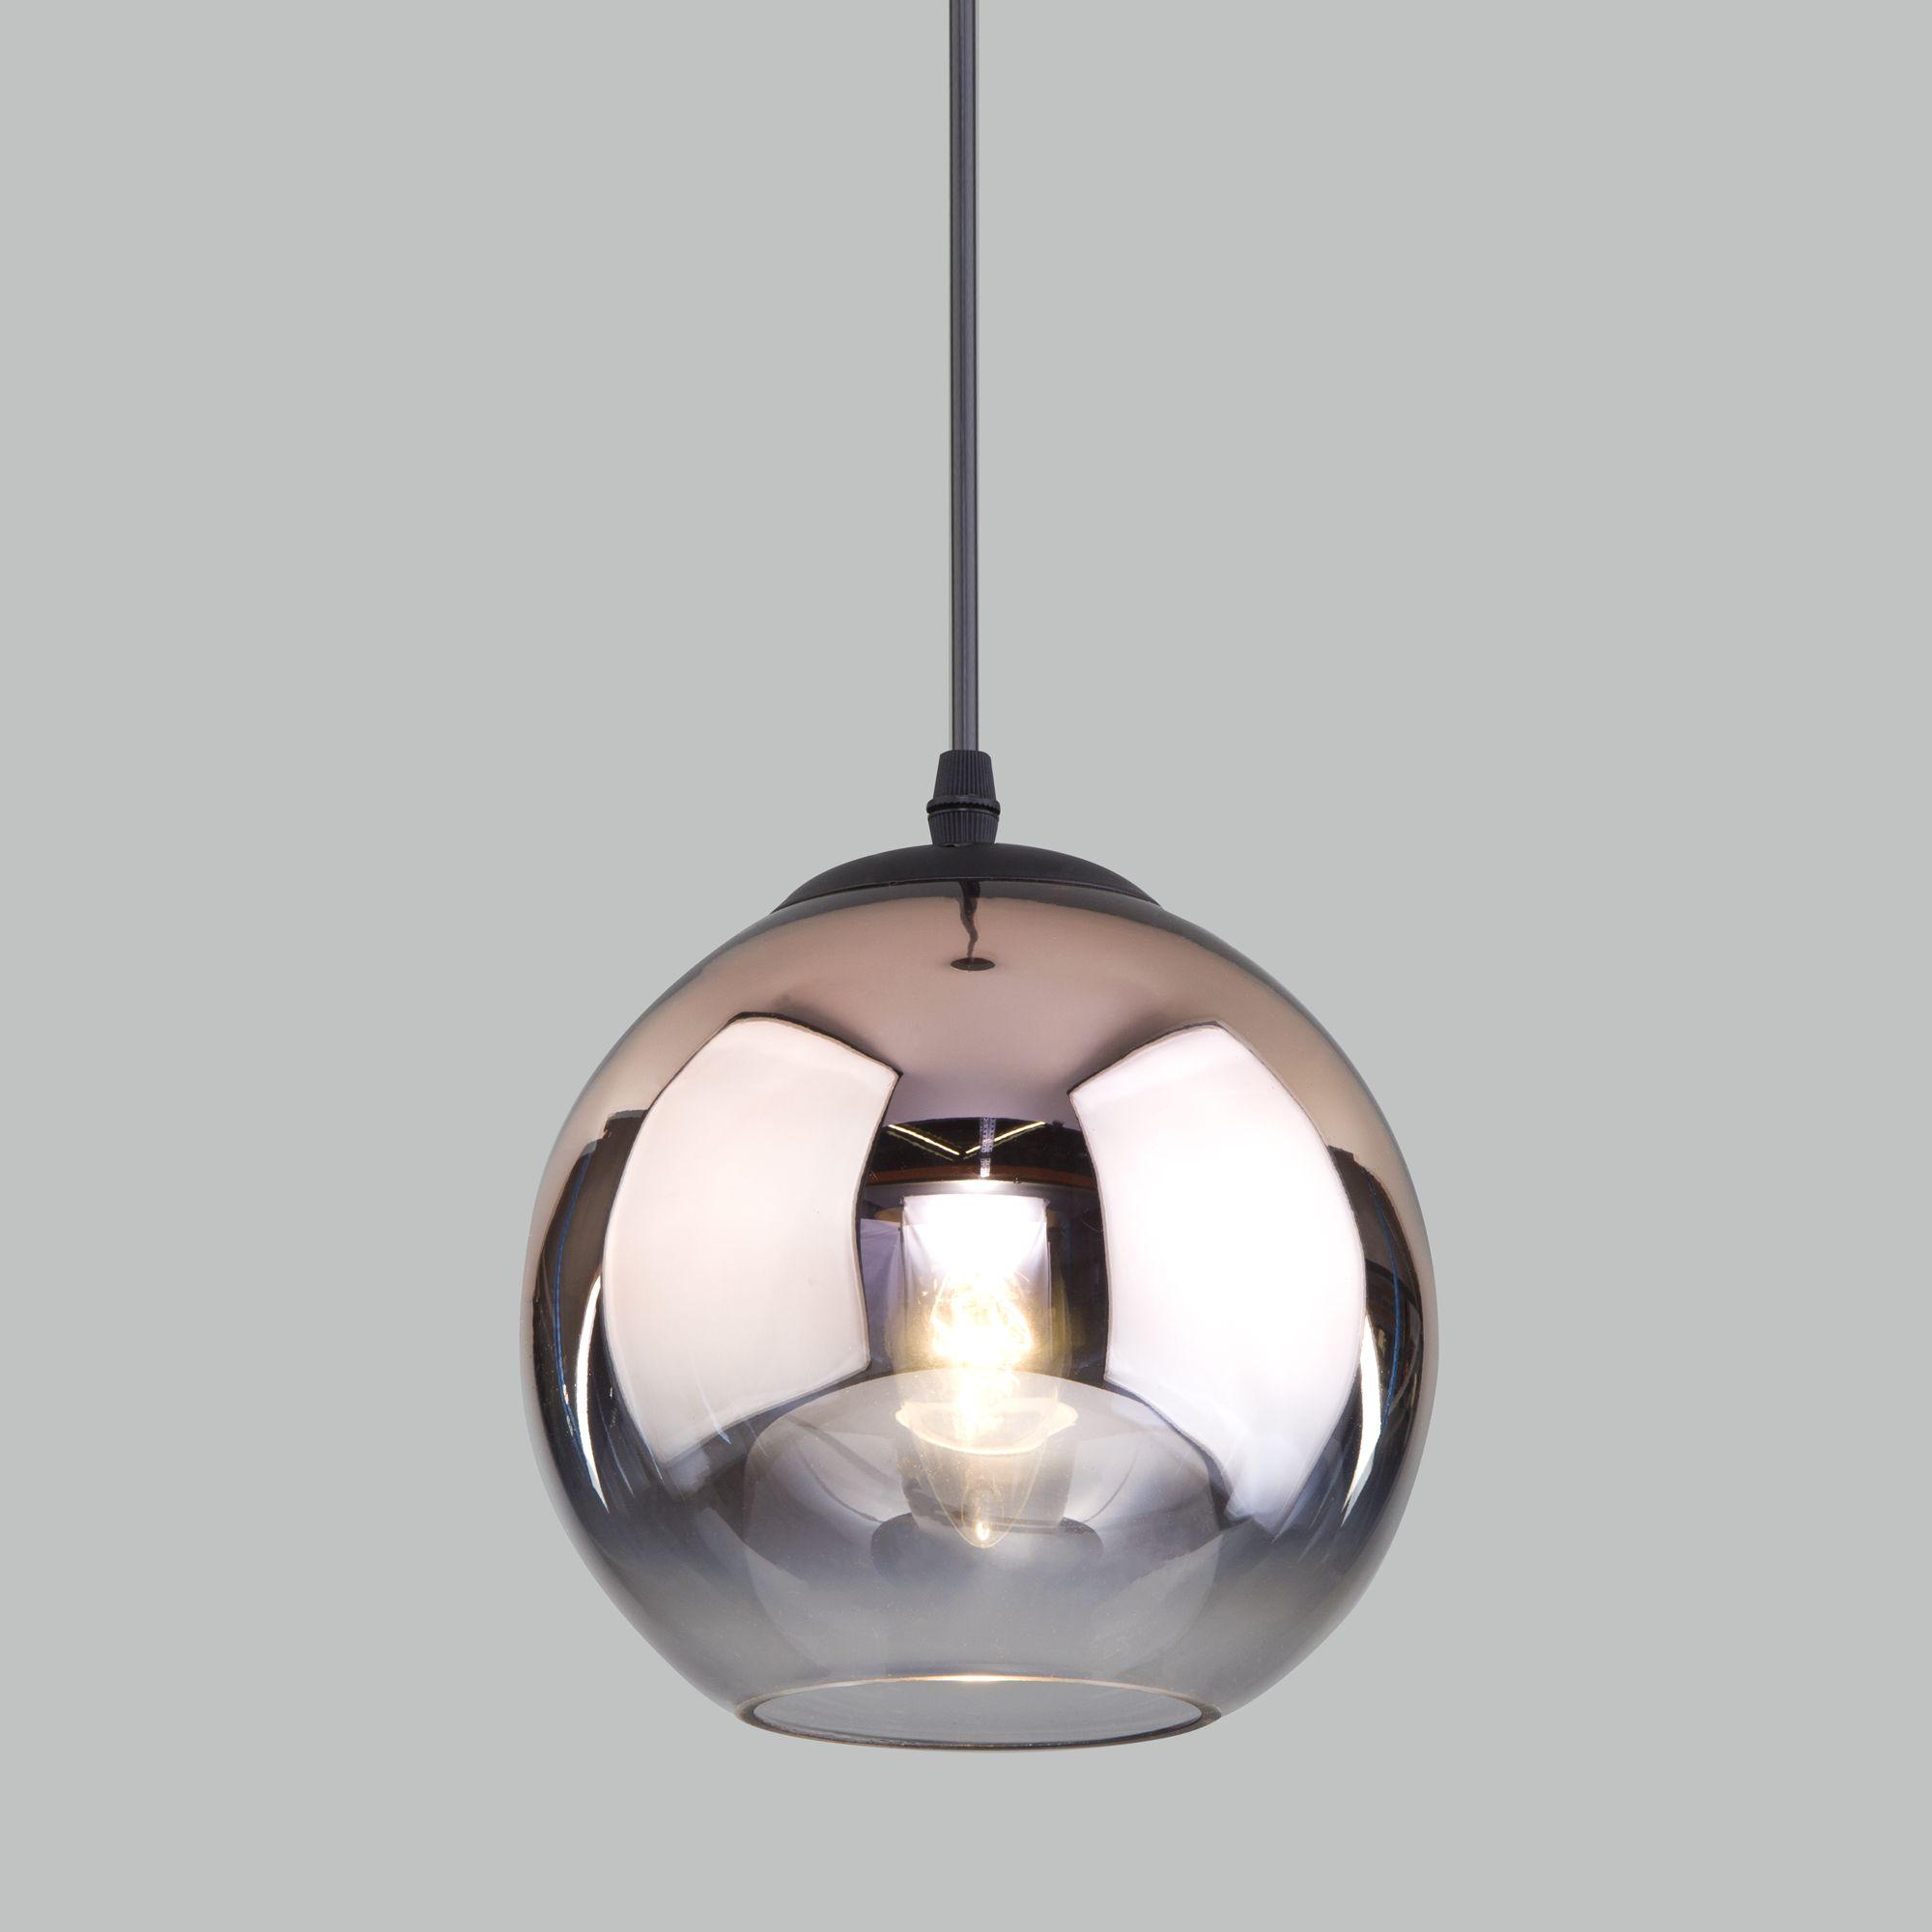 Подвесной светильник со стеклянным плафоном 50200/1 медь